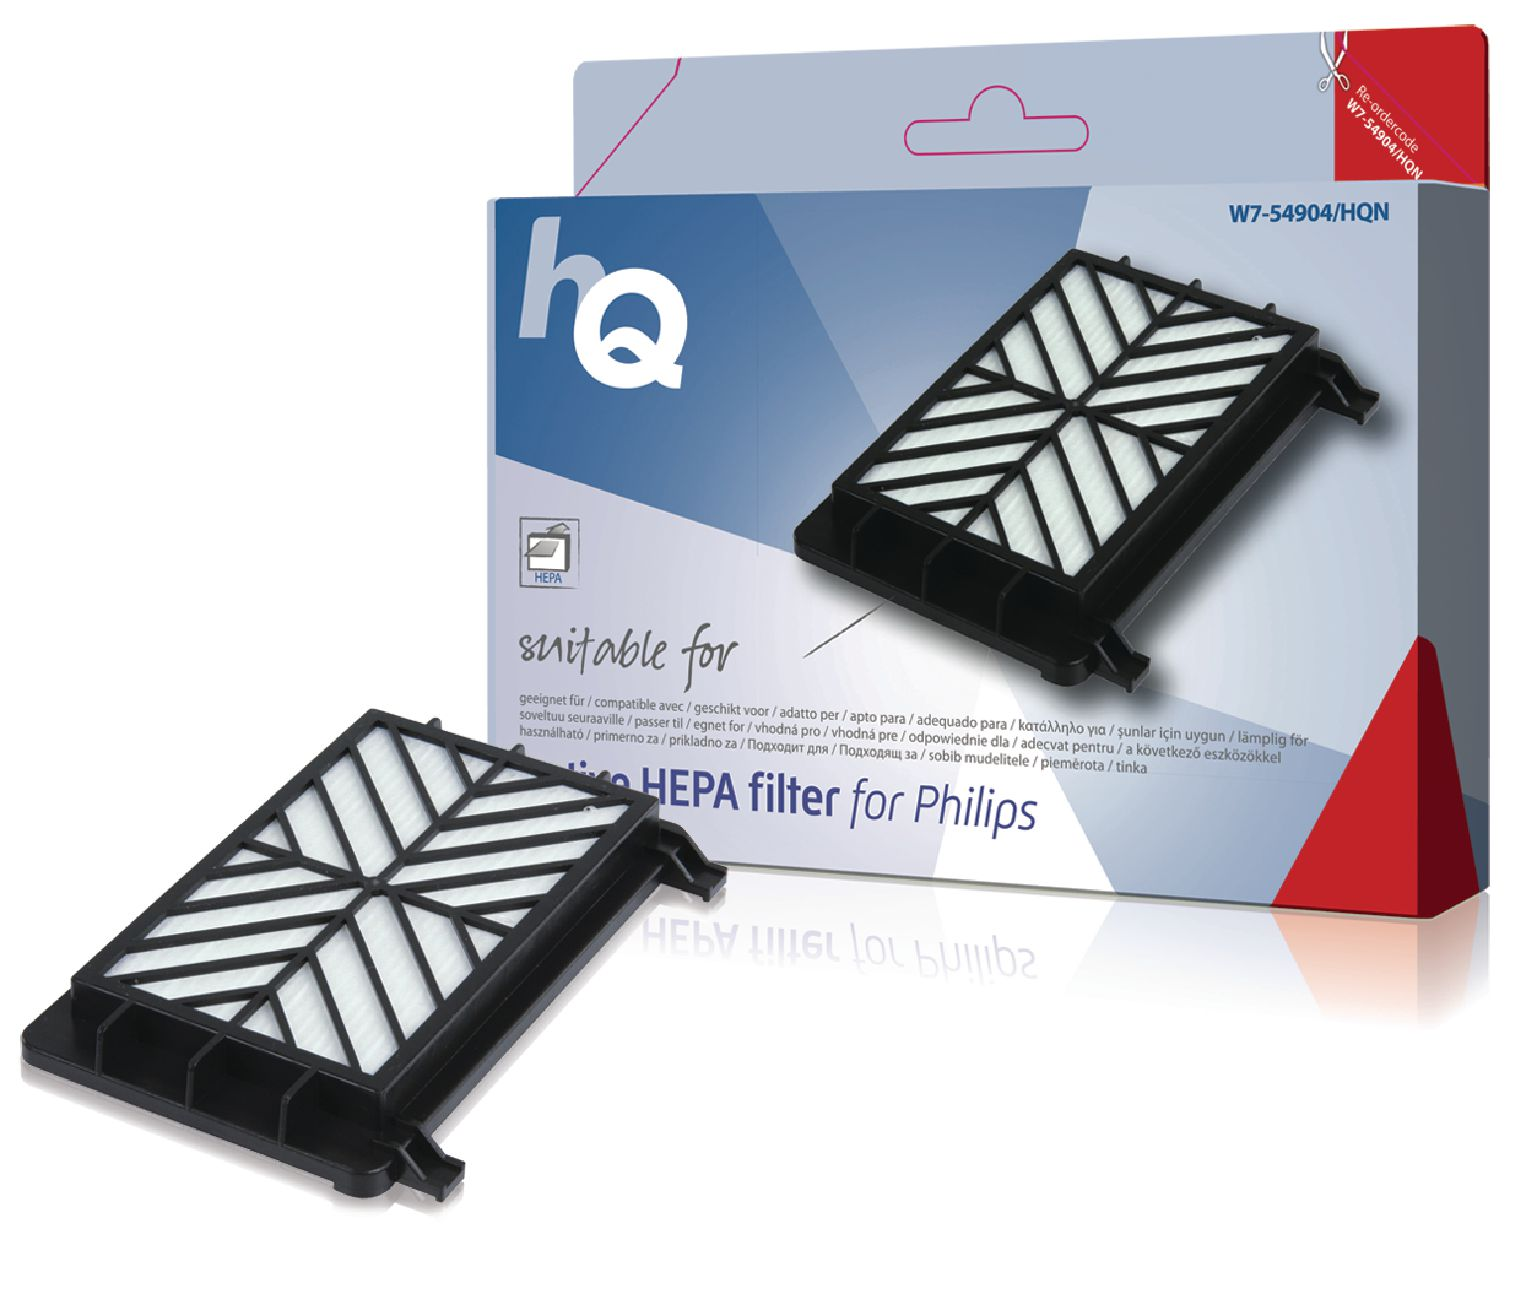 Náhradní aktivní HEPA Filtr Philips, W7-54904-HQN